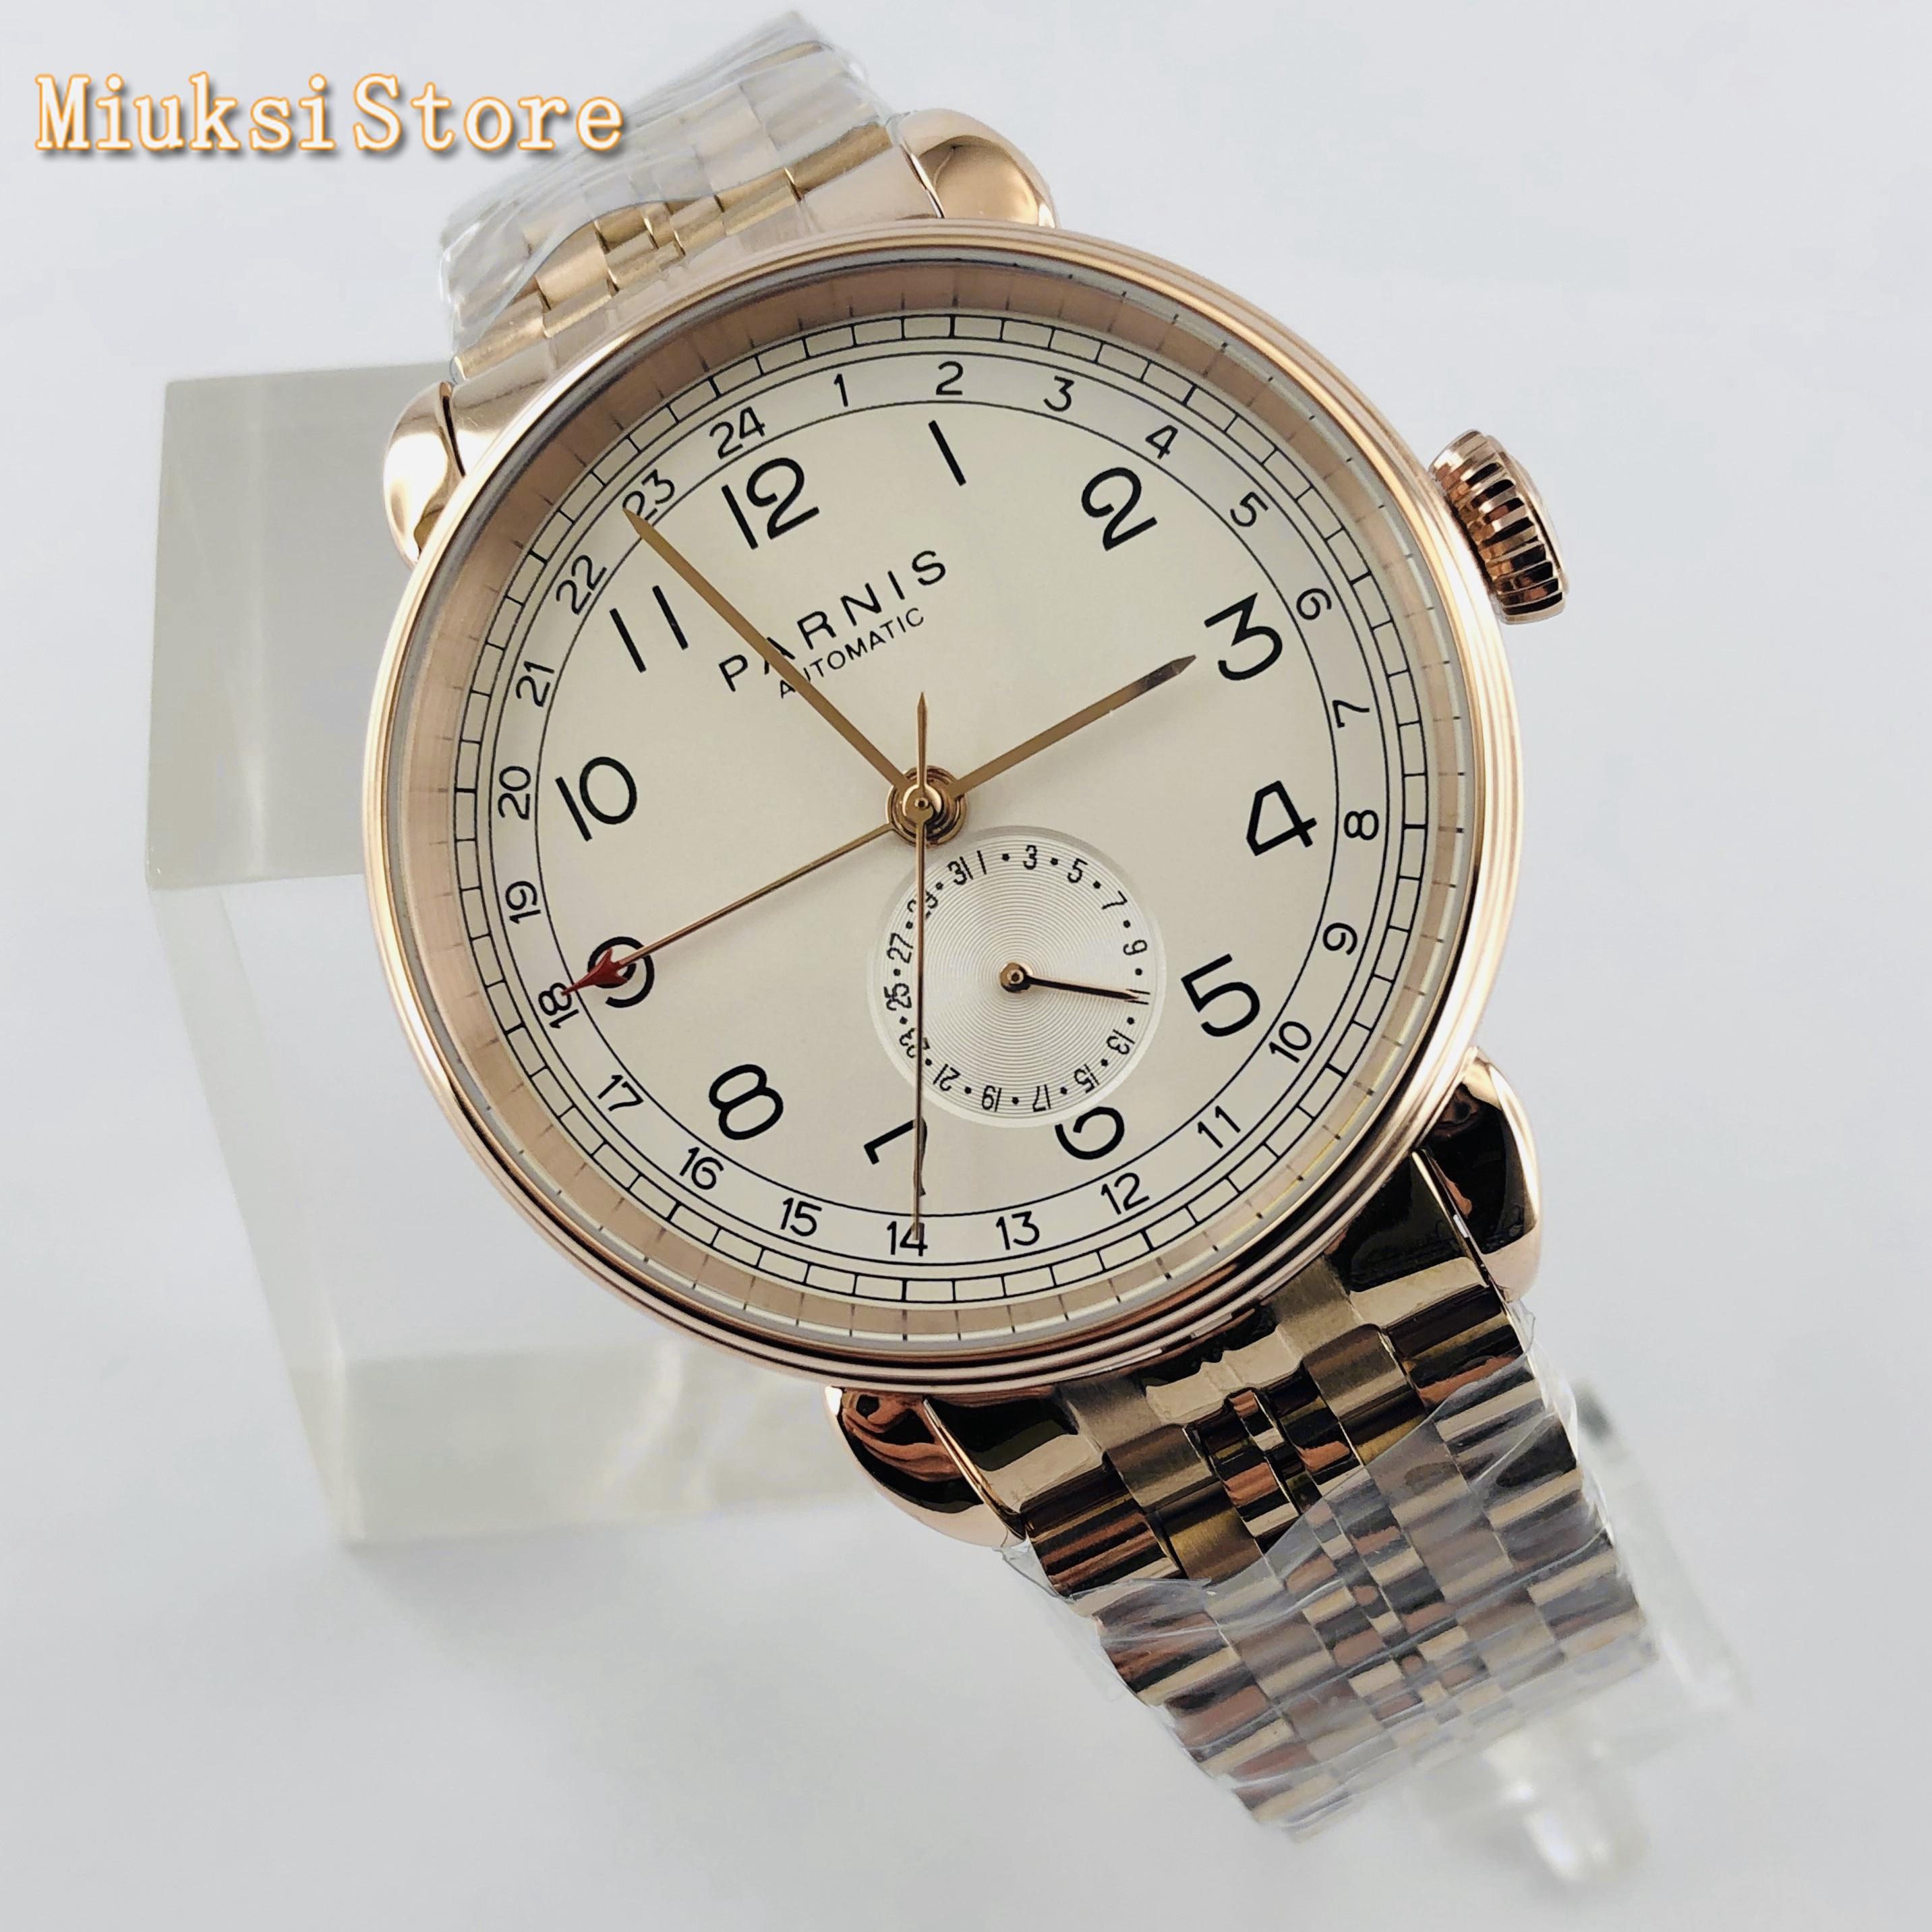 Parnis 2019 nova parte superior dos homens relógio mecânico automático 42mm rosa ouro gmt marca árabe data janela cinta de aço inoxidável relógios dos homens